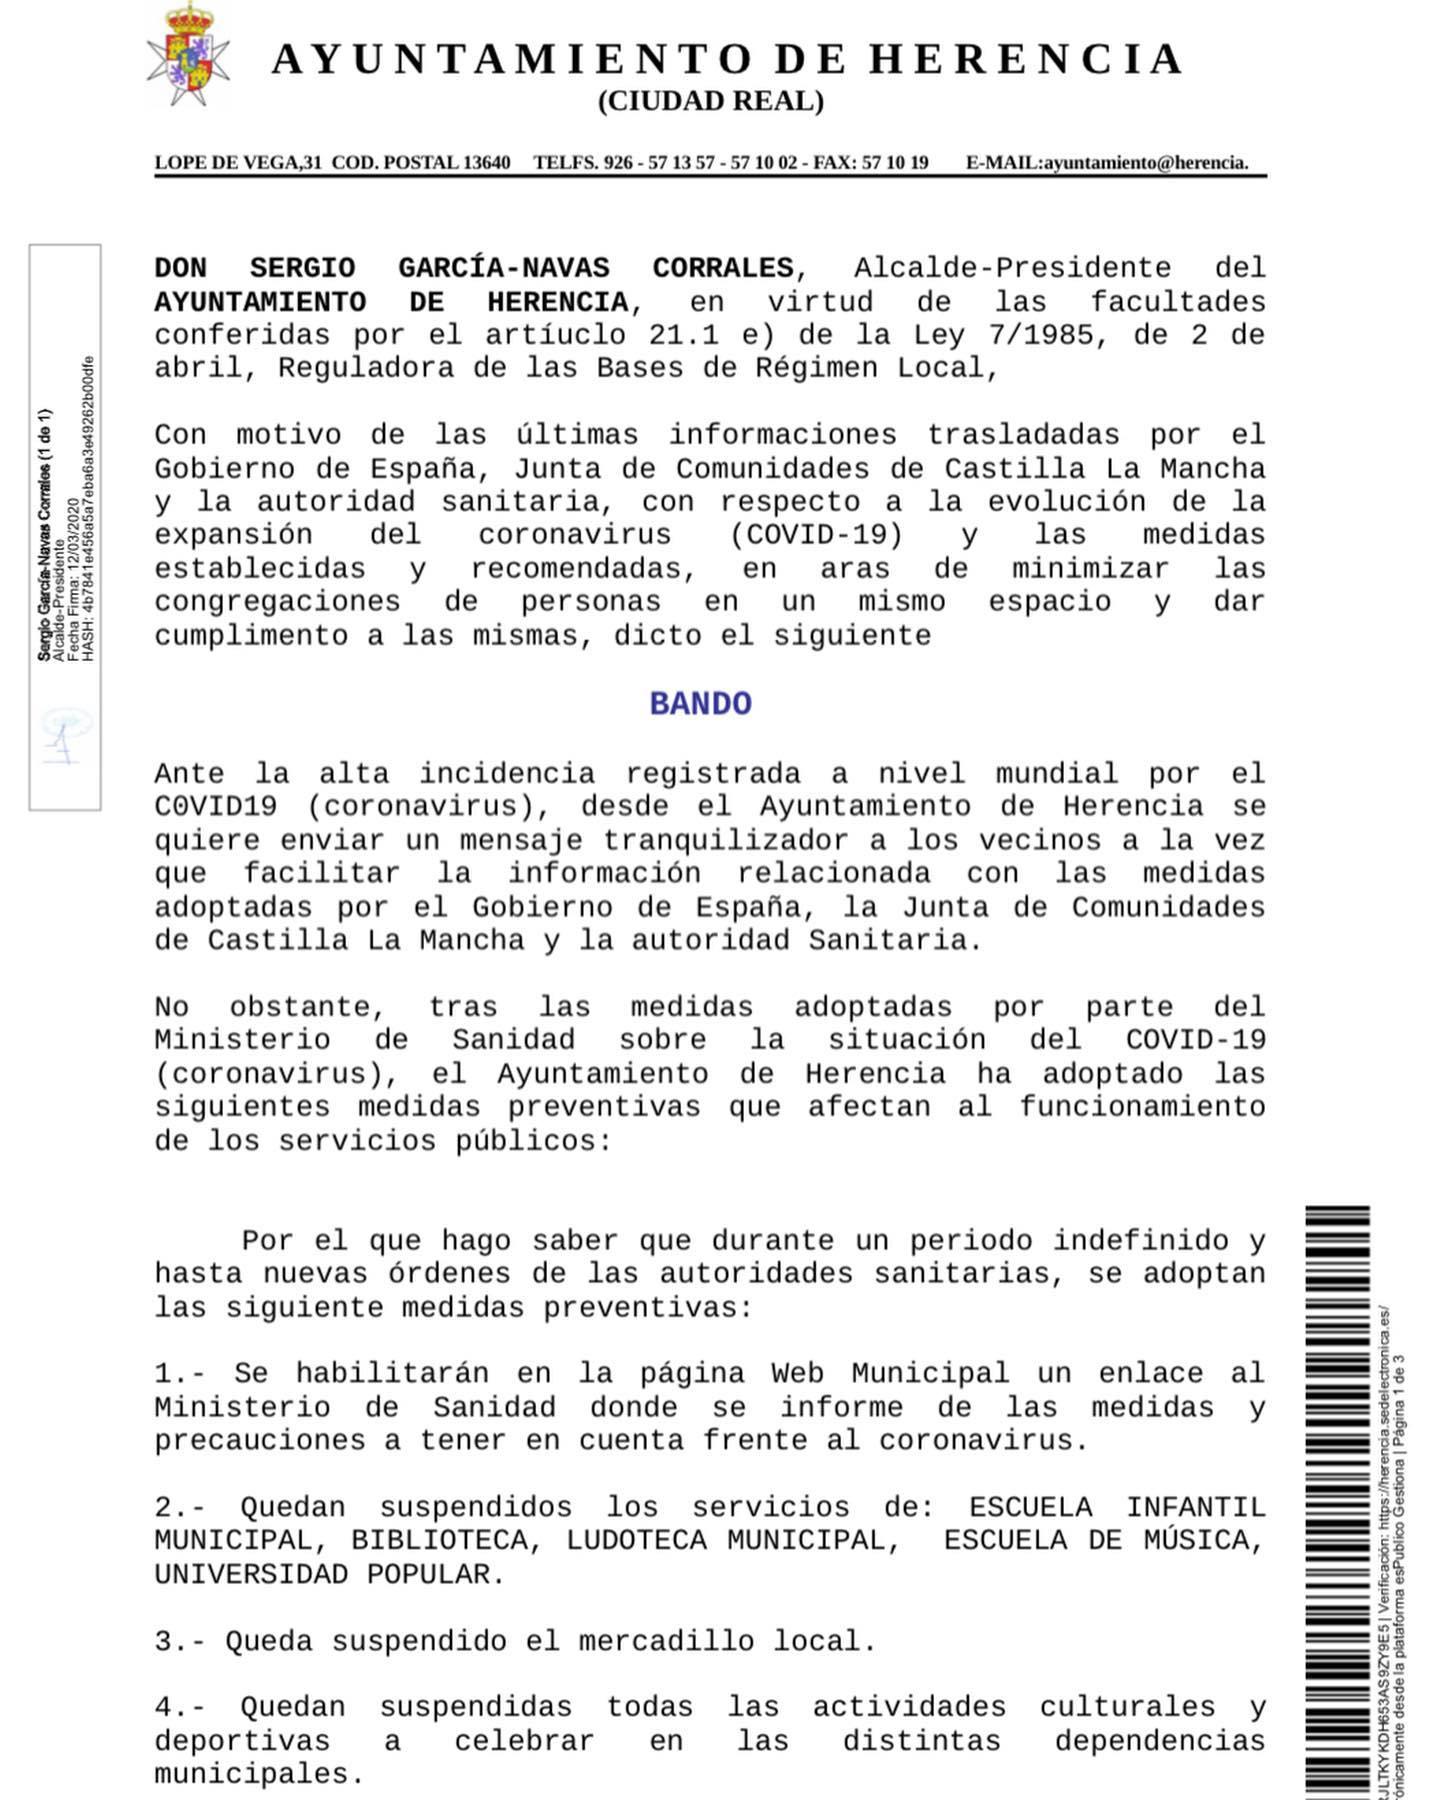 bando coronavirus herencia 1 - Bando municipal con las medidas adoptadas en Herencia por el Coronavirus